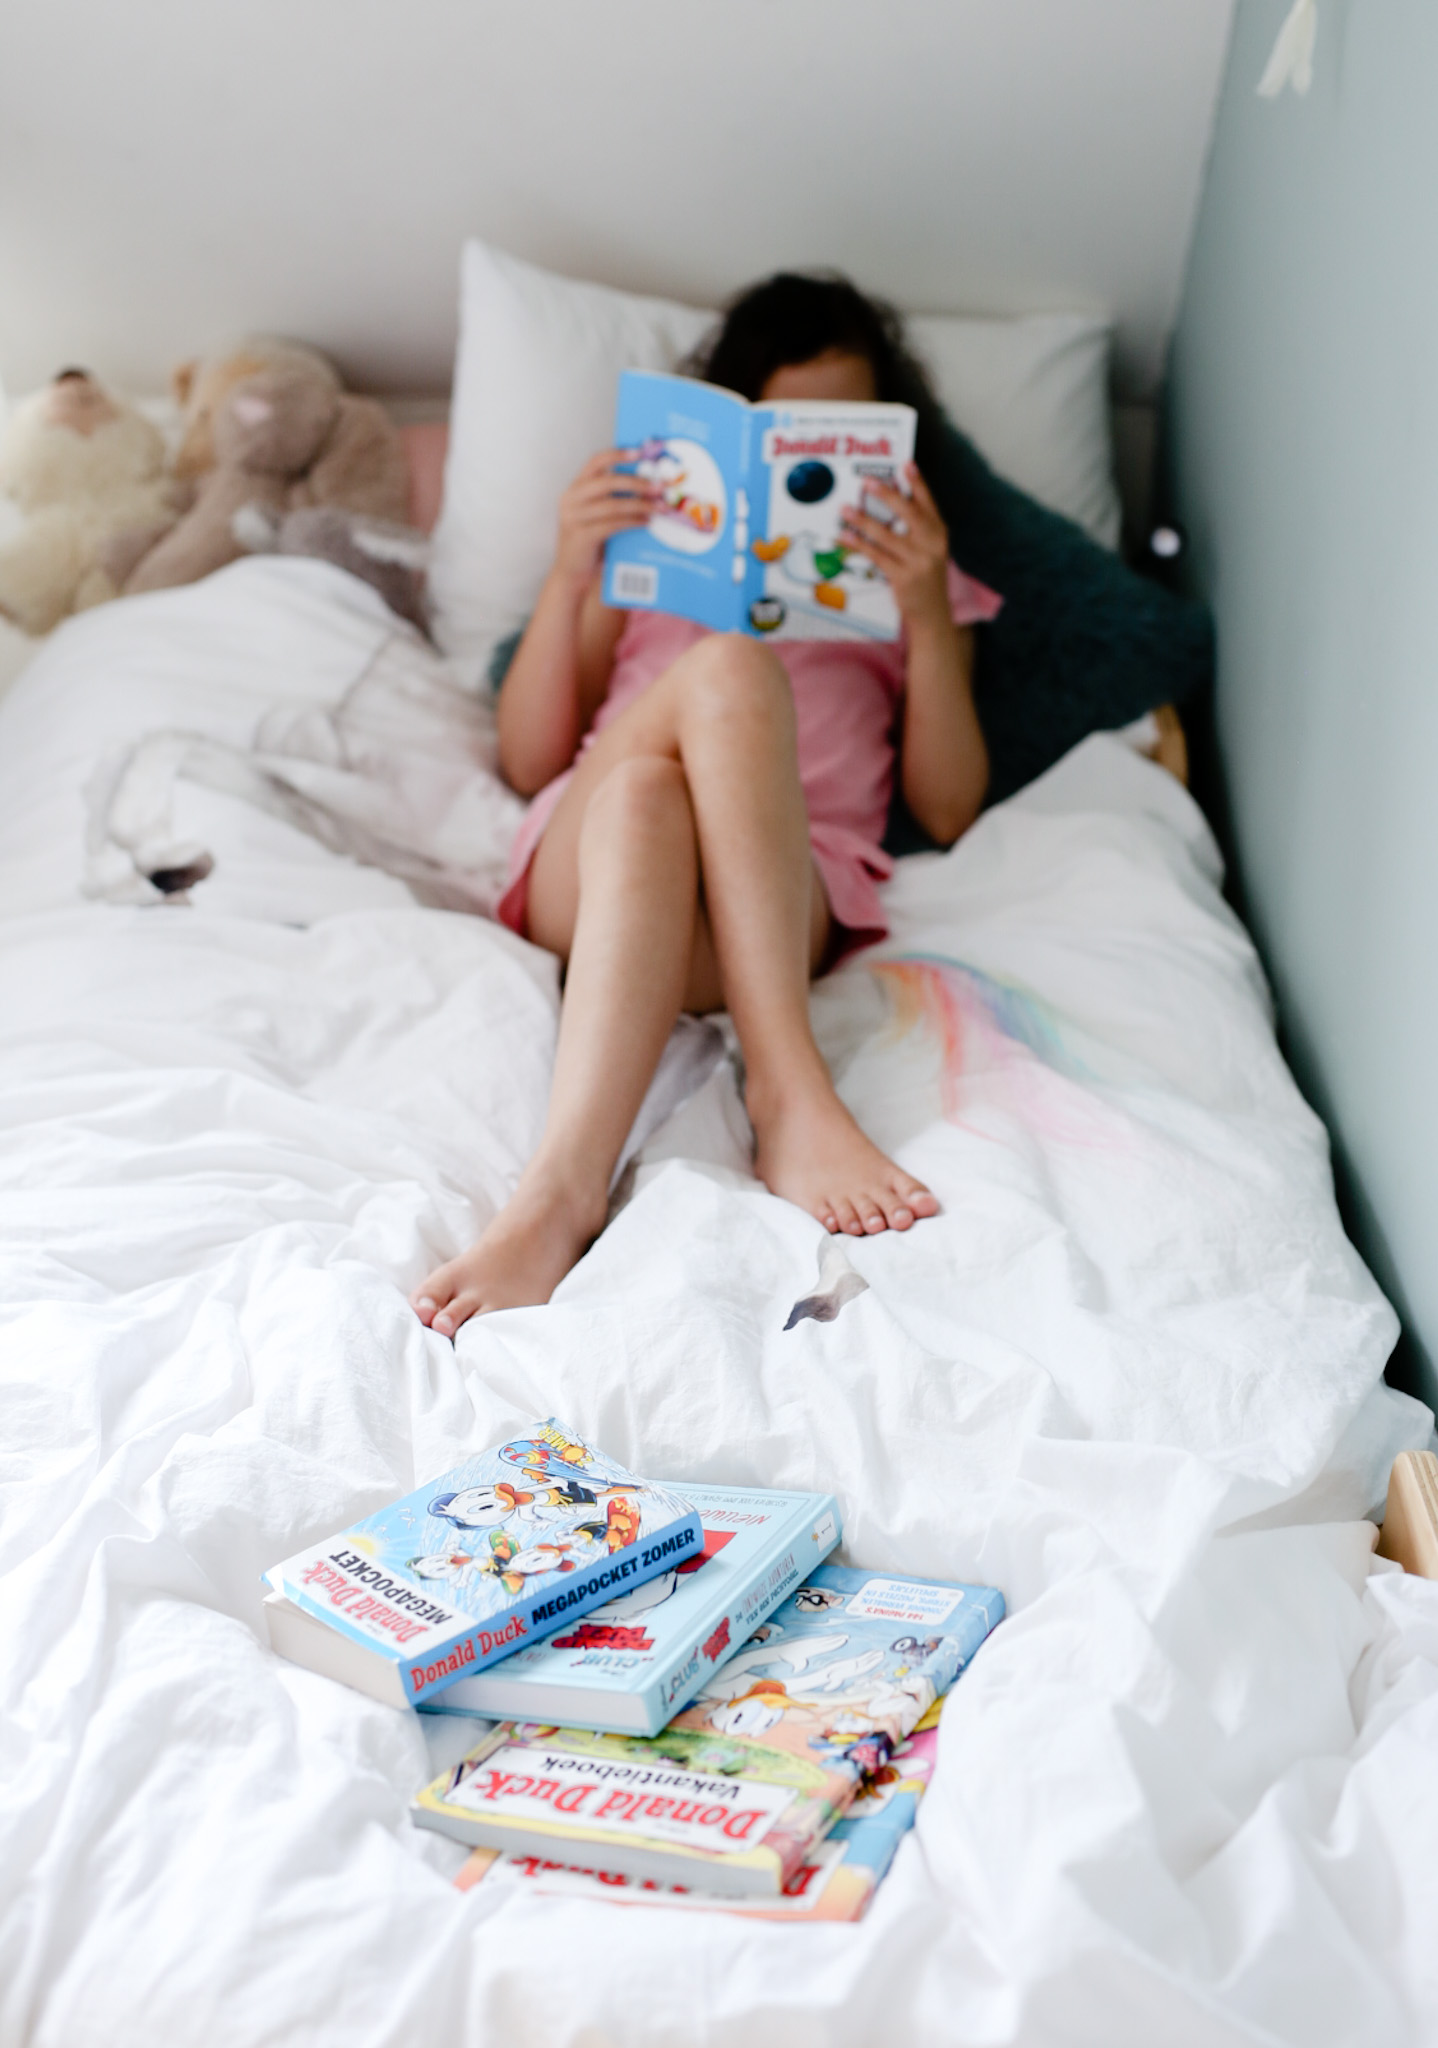 E85FE7C5 5C8F 4C3C 9998 68312F295E14 - Tip: Donald Duck boekjes lezen het hele jaar door